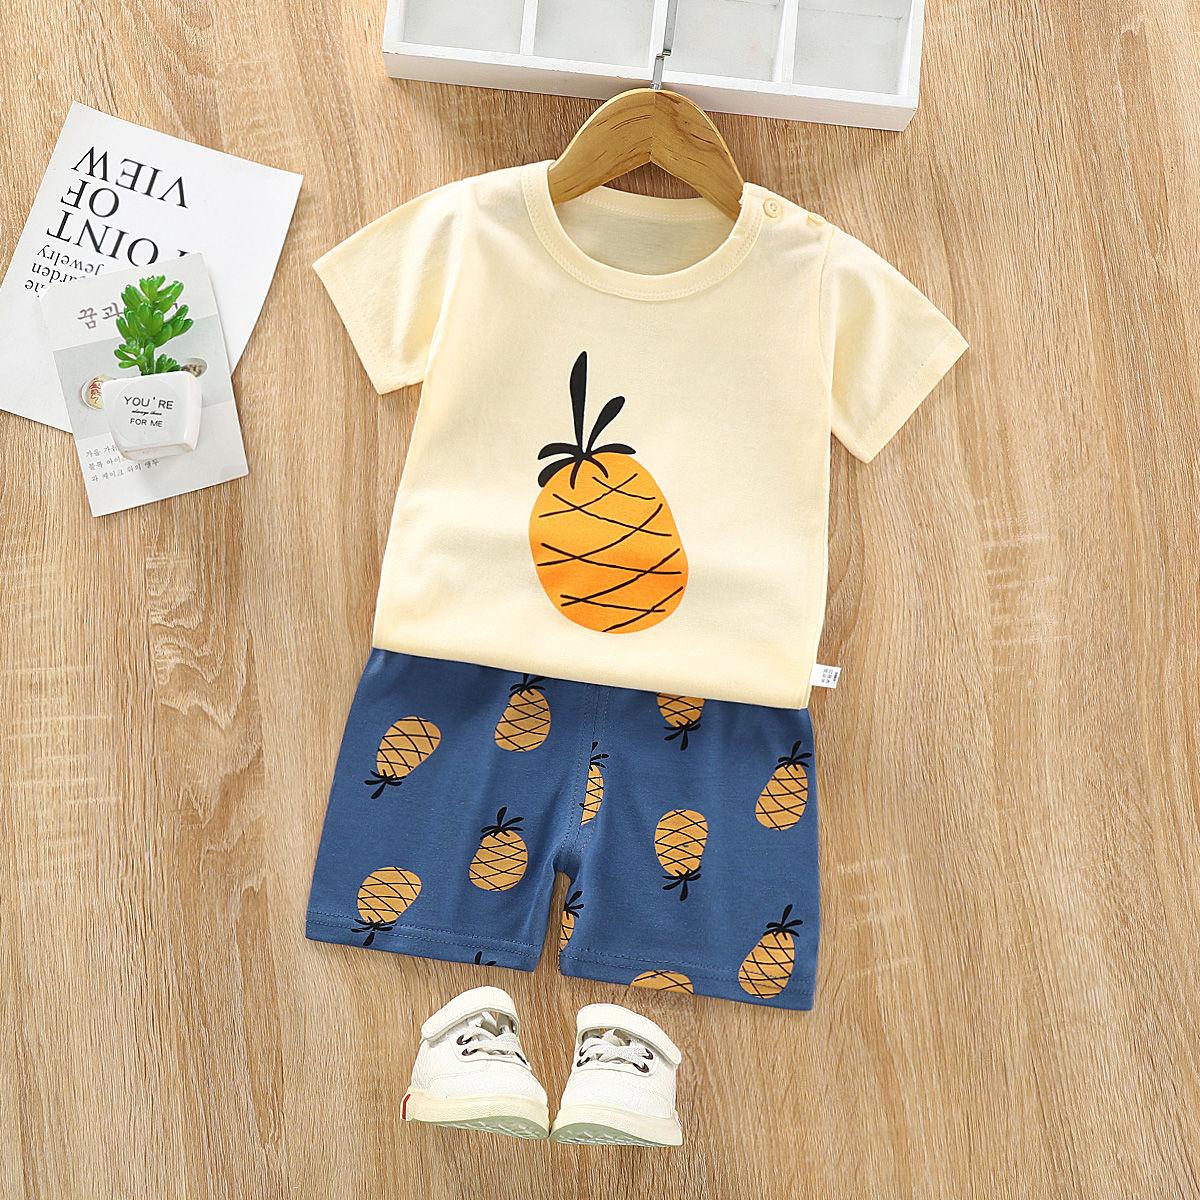 儿童短袖套装宝宝短裤婴儿衣服夏装2